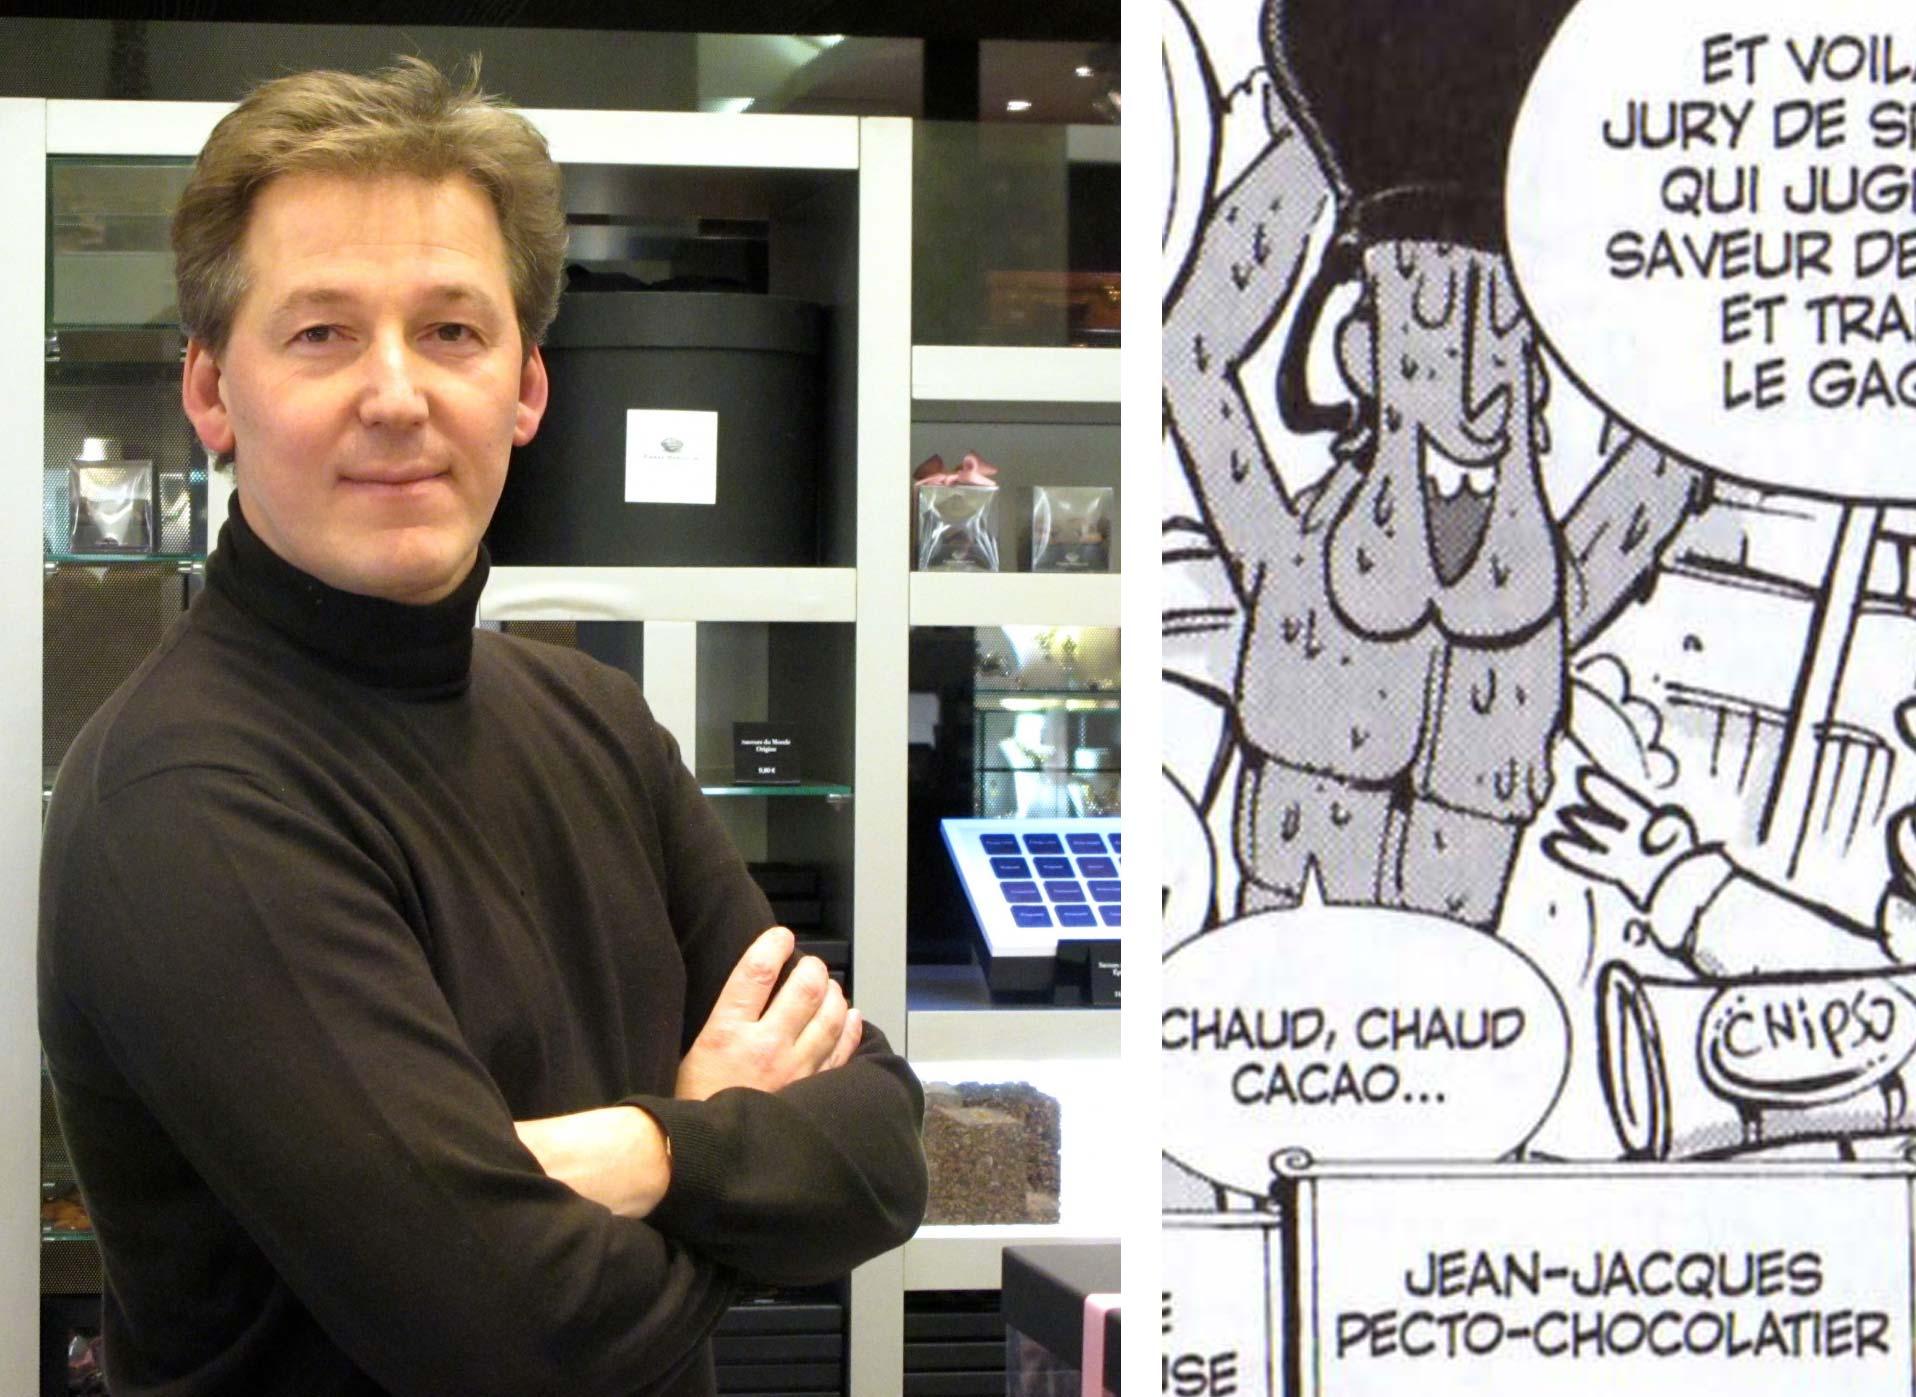 Jean-Jacques Pecto-Chocolatier est d'après Ancestral Z un clin d'œil au chocolatier belge Pierre Marcolini